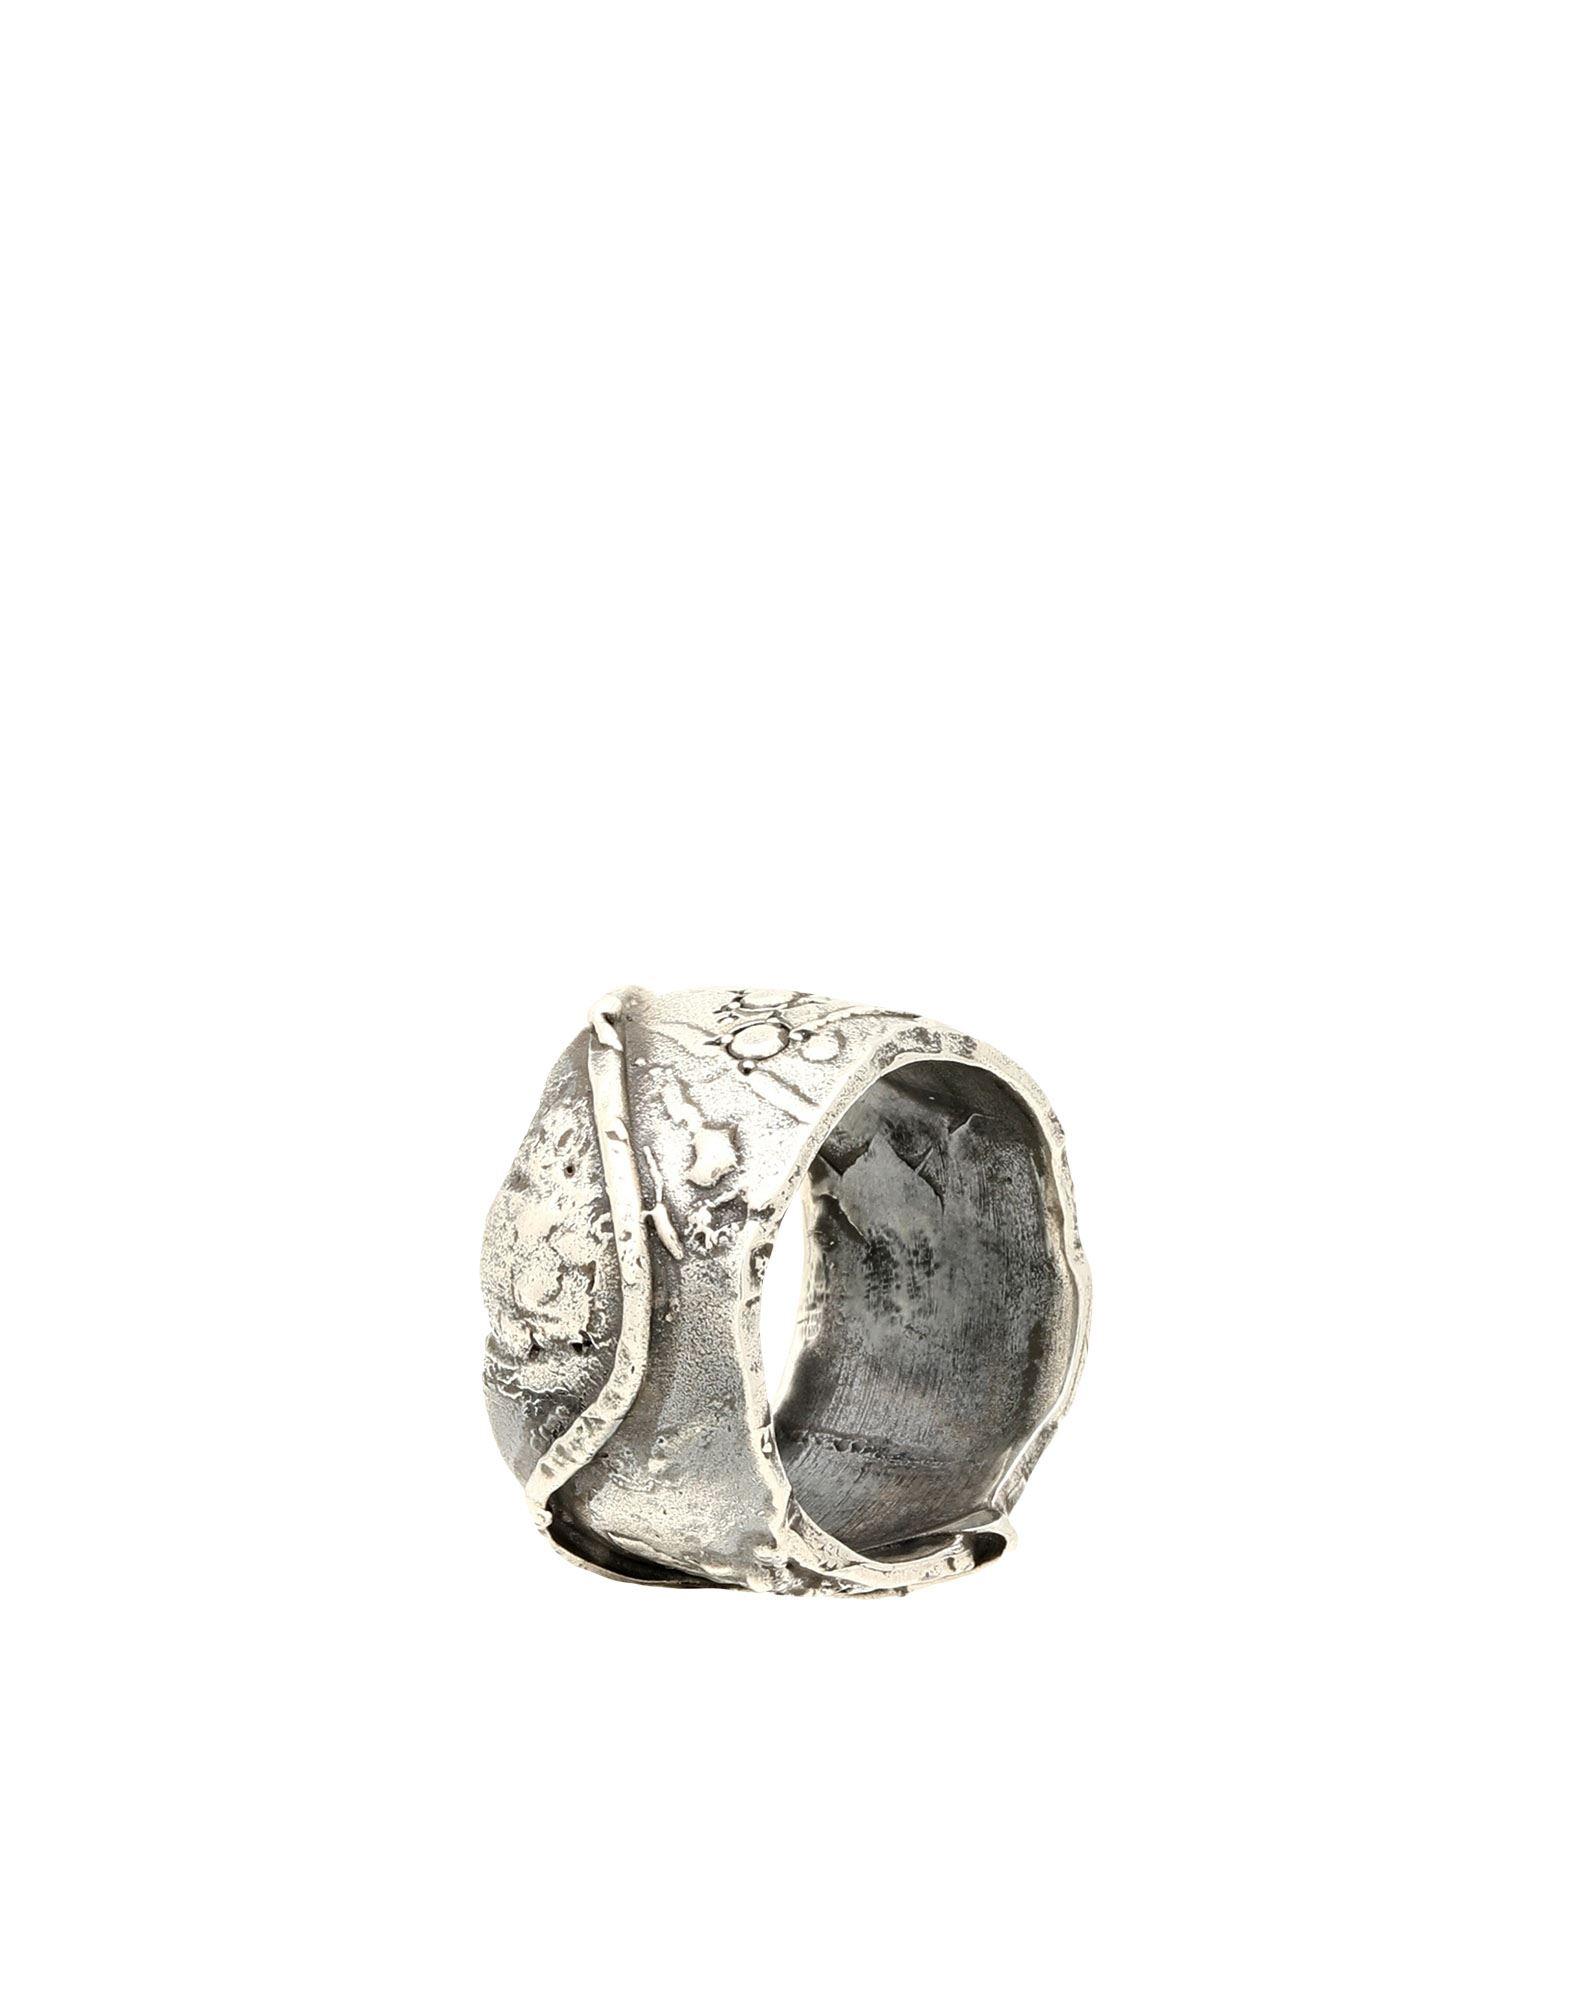 《セール開催中》FIRST PEOPLE FIRST レディース 指輪 鉛色 19 シルバー925/1000 ANELLO MOON SHADOW